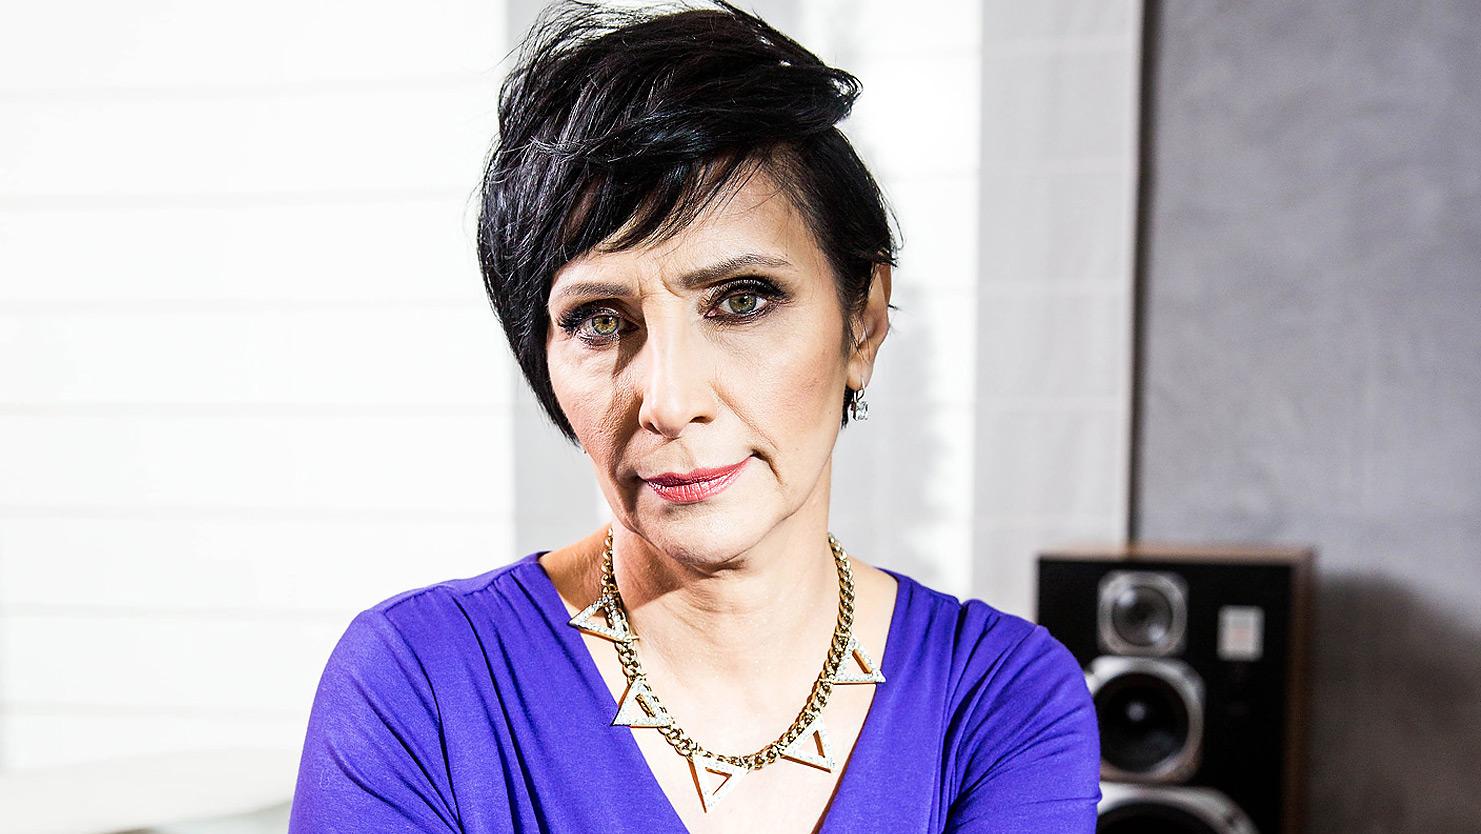 Helena Paździoch skończyła 61 lat. Wszystkiego najlepszego! - Polsat.pl